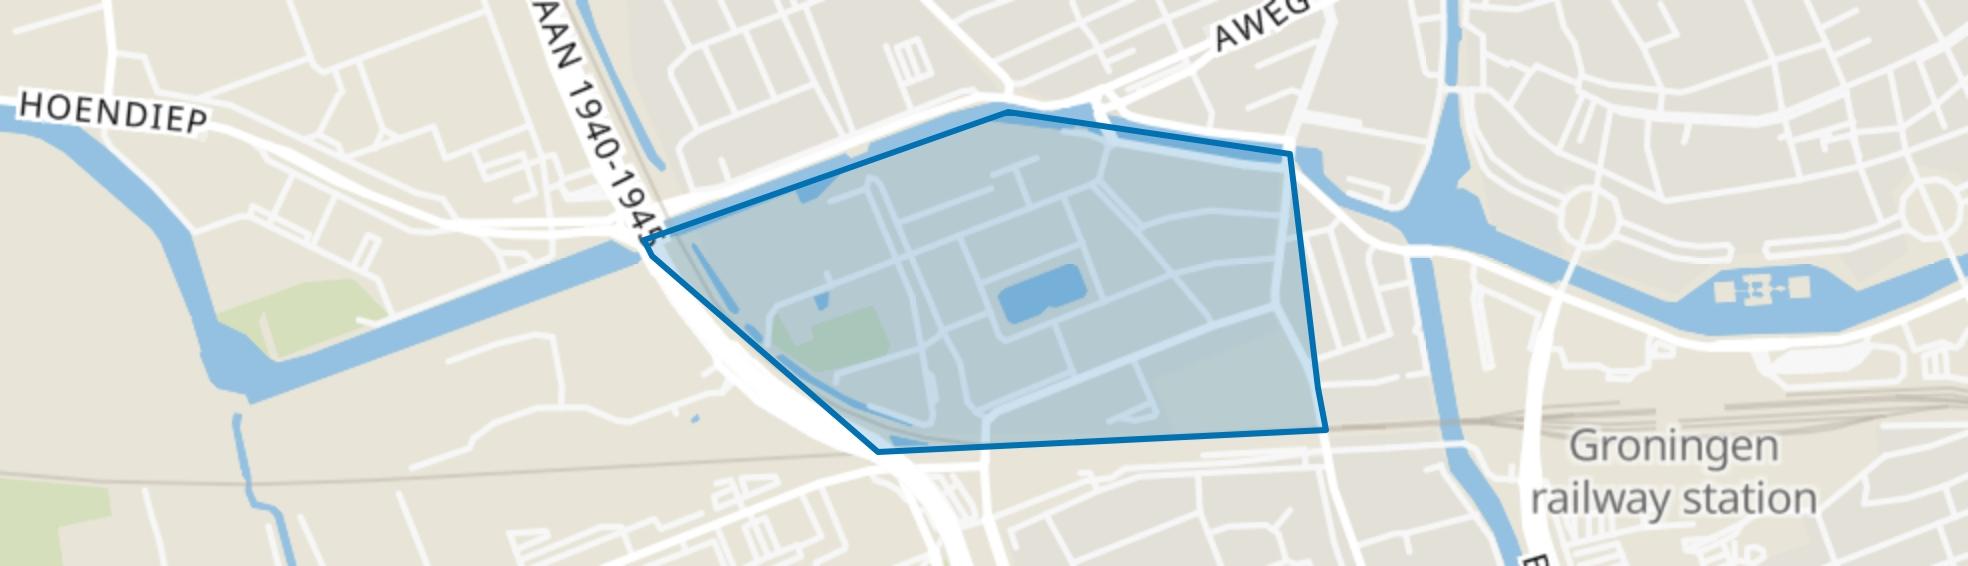 Zeeheldenbuurt, Groningen map